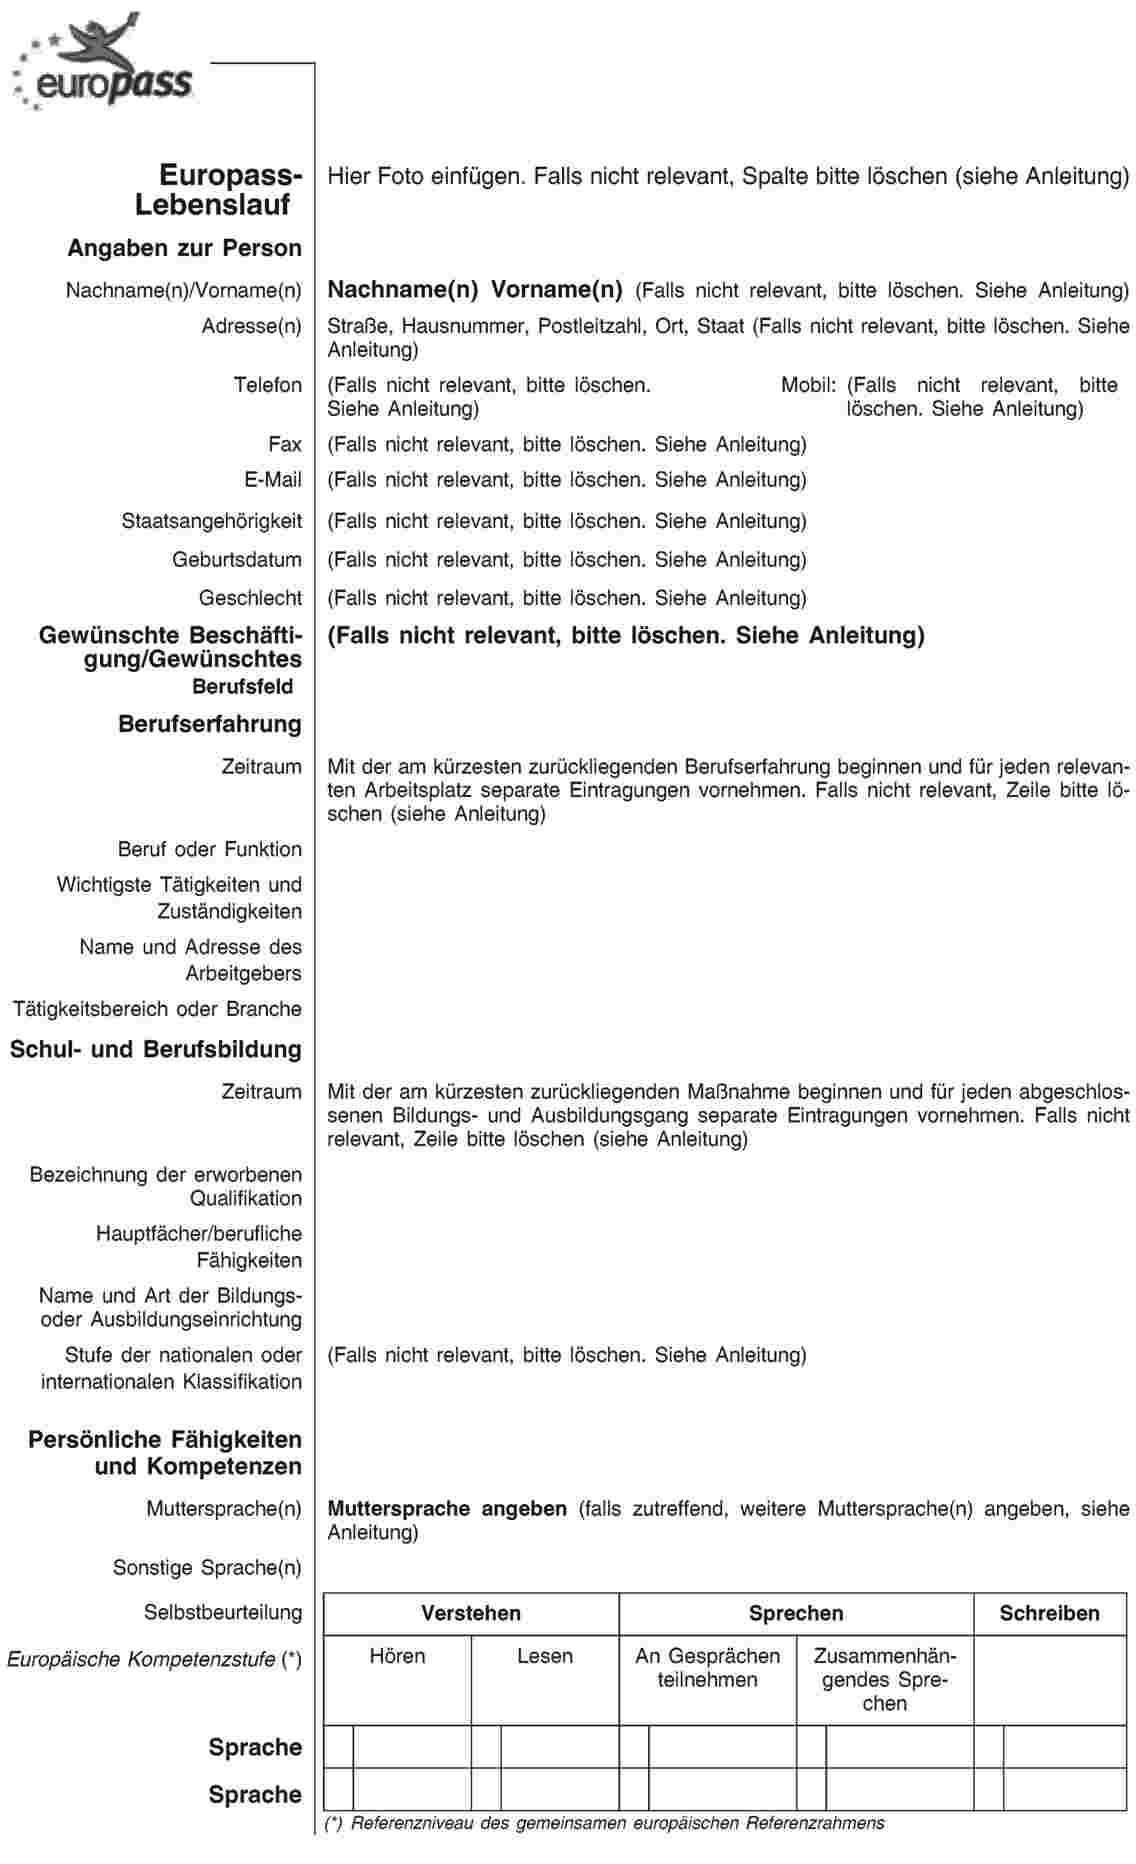 Beste Lebenslauf Zusammenfassung Der Qualifikationen Kundendienst ...